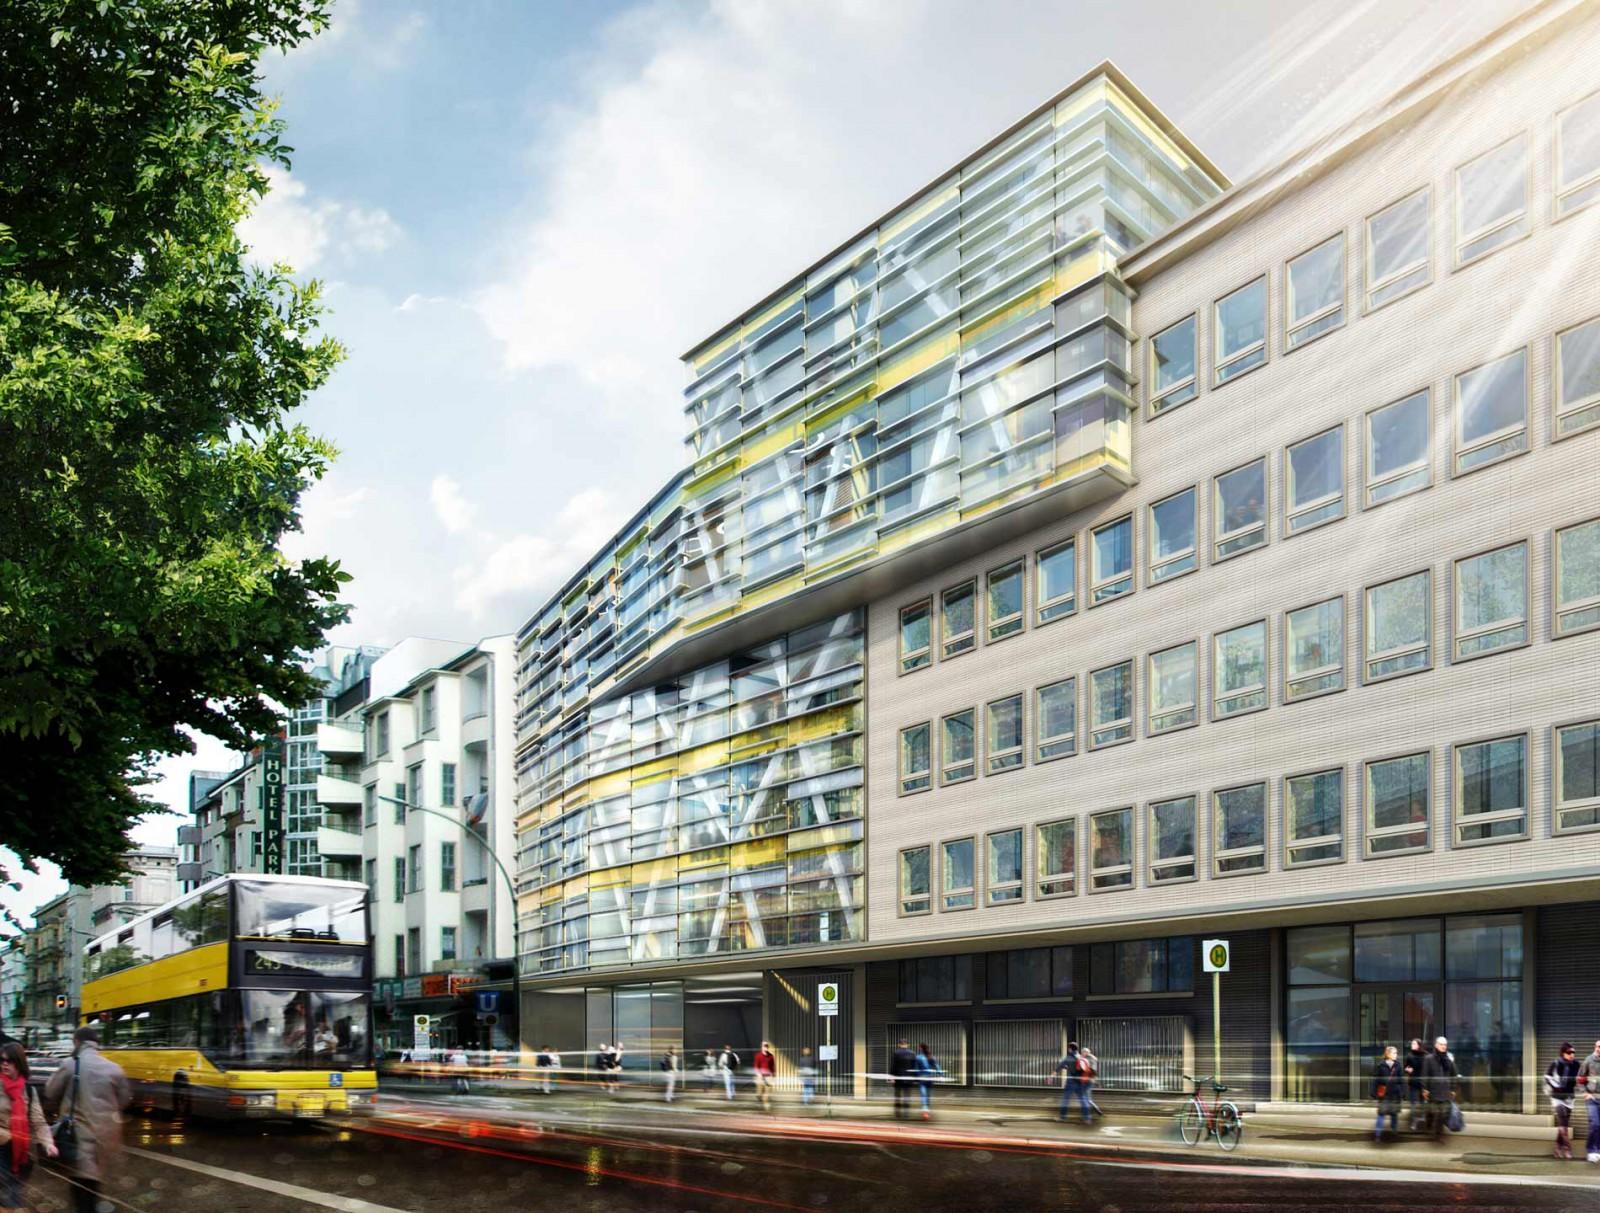 Entwurf einer neuen Leitstelle für den Berliner U-Bahn-Betrieb ...